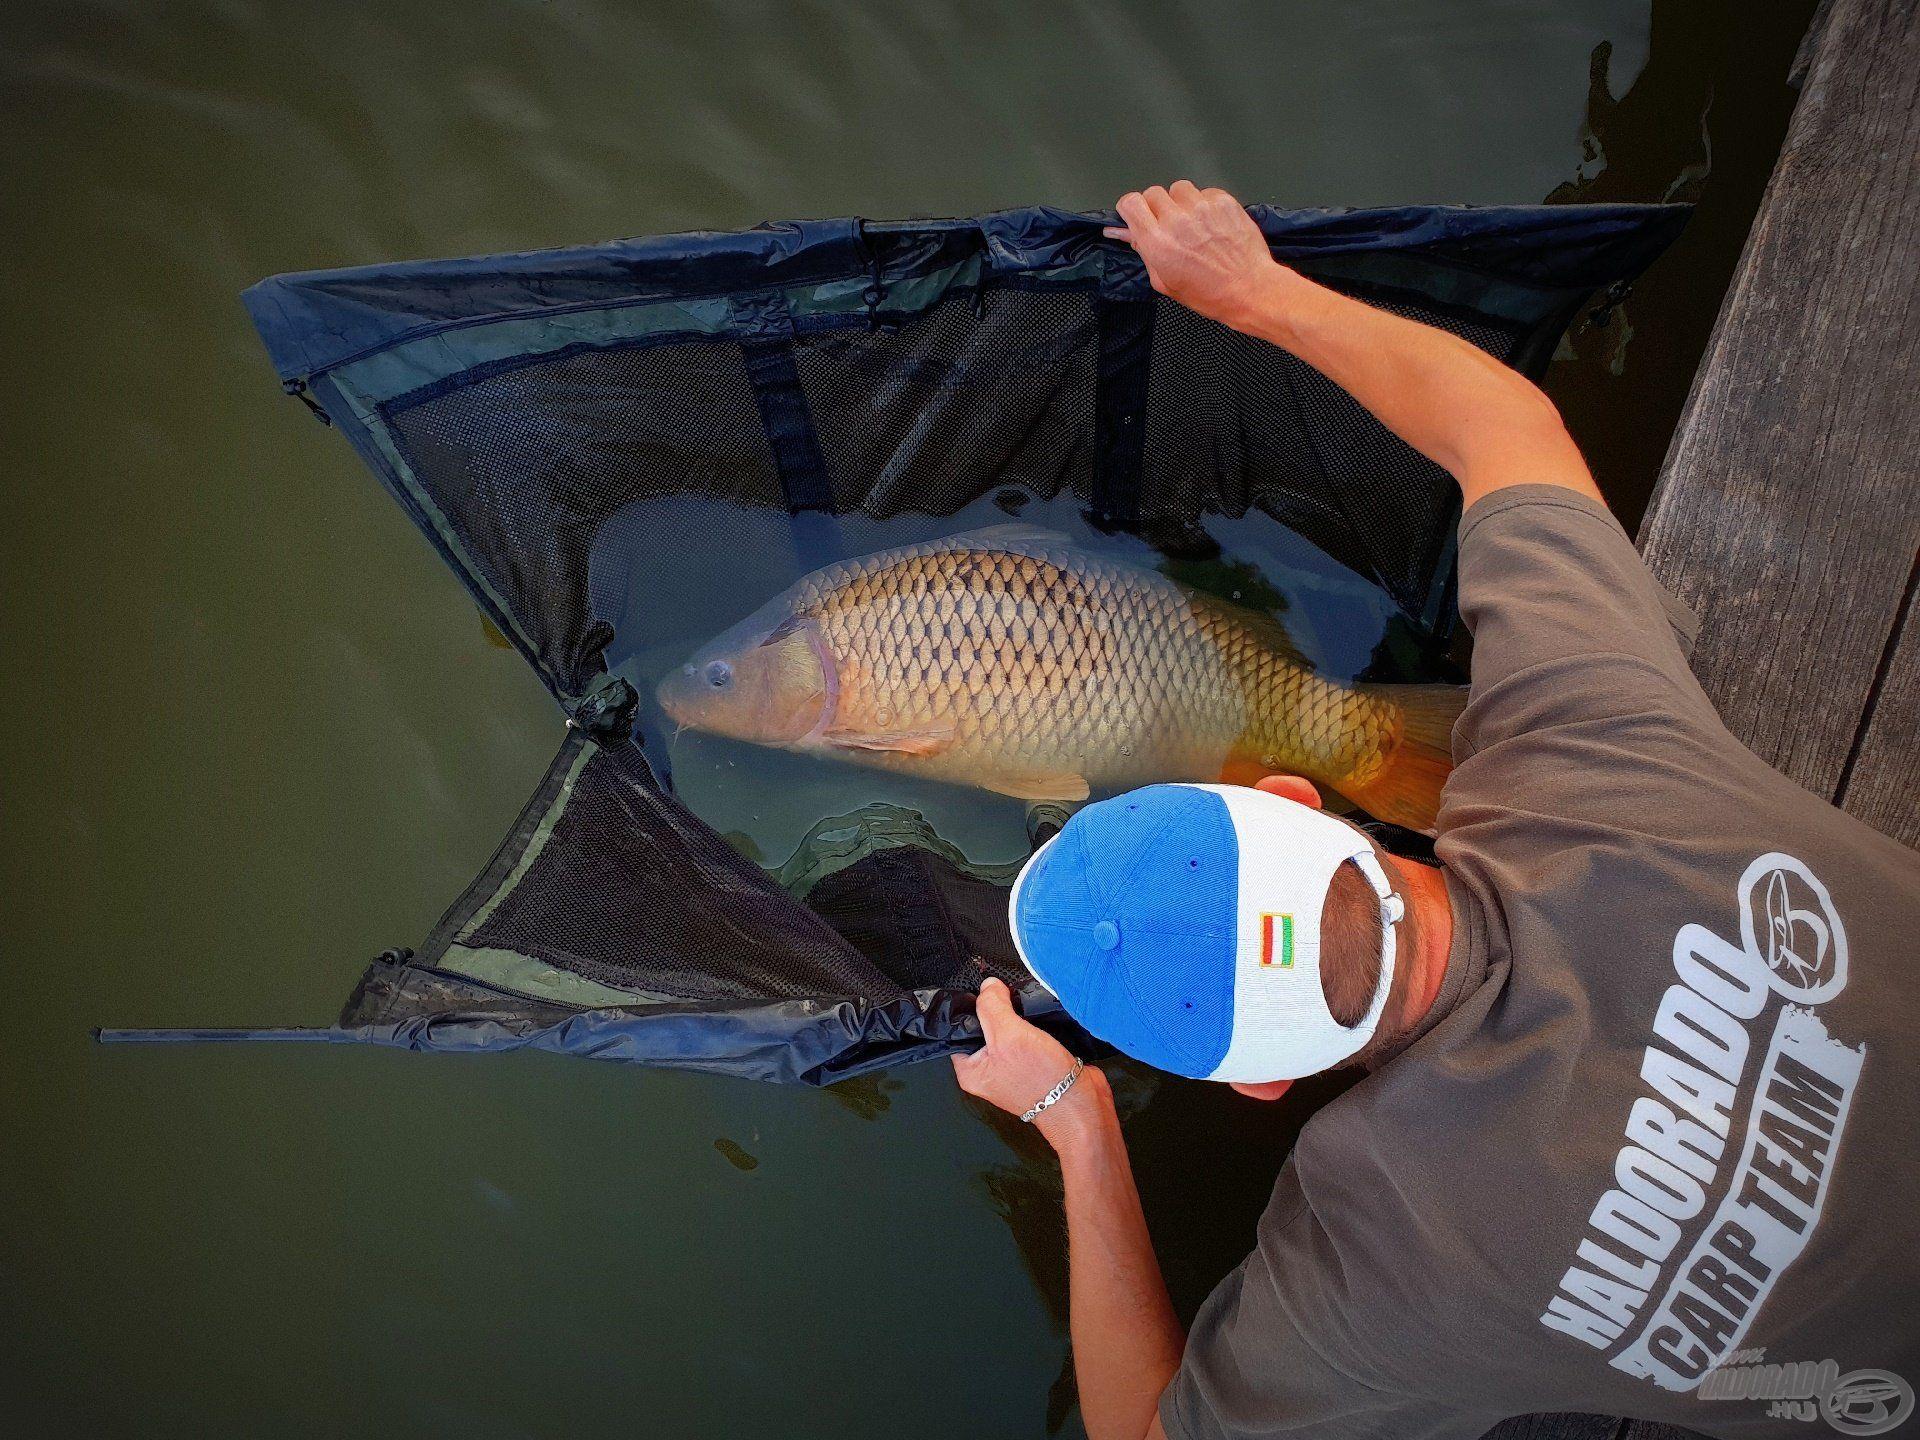 A horgászat egyik legszebb része, a szabadon engedés pillanatai